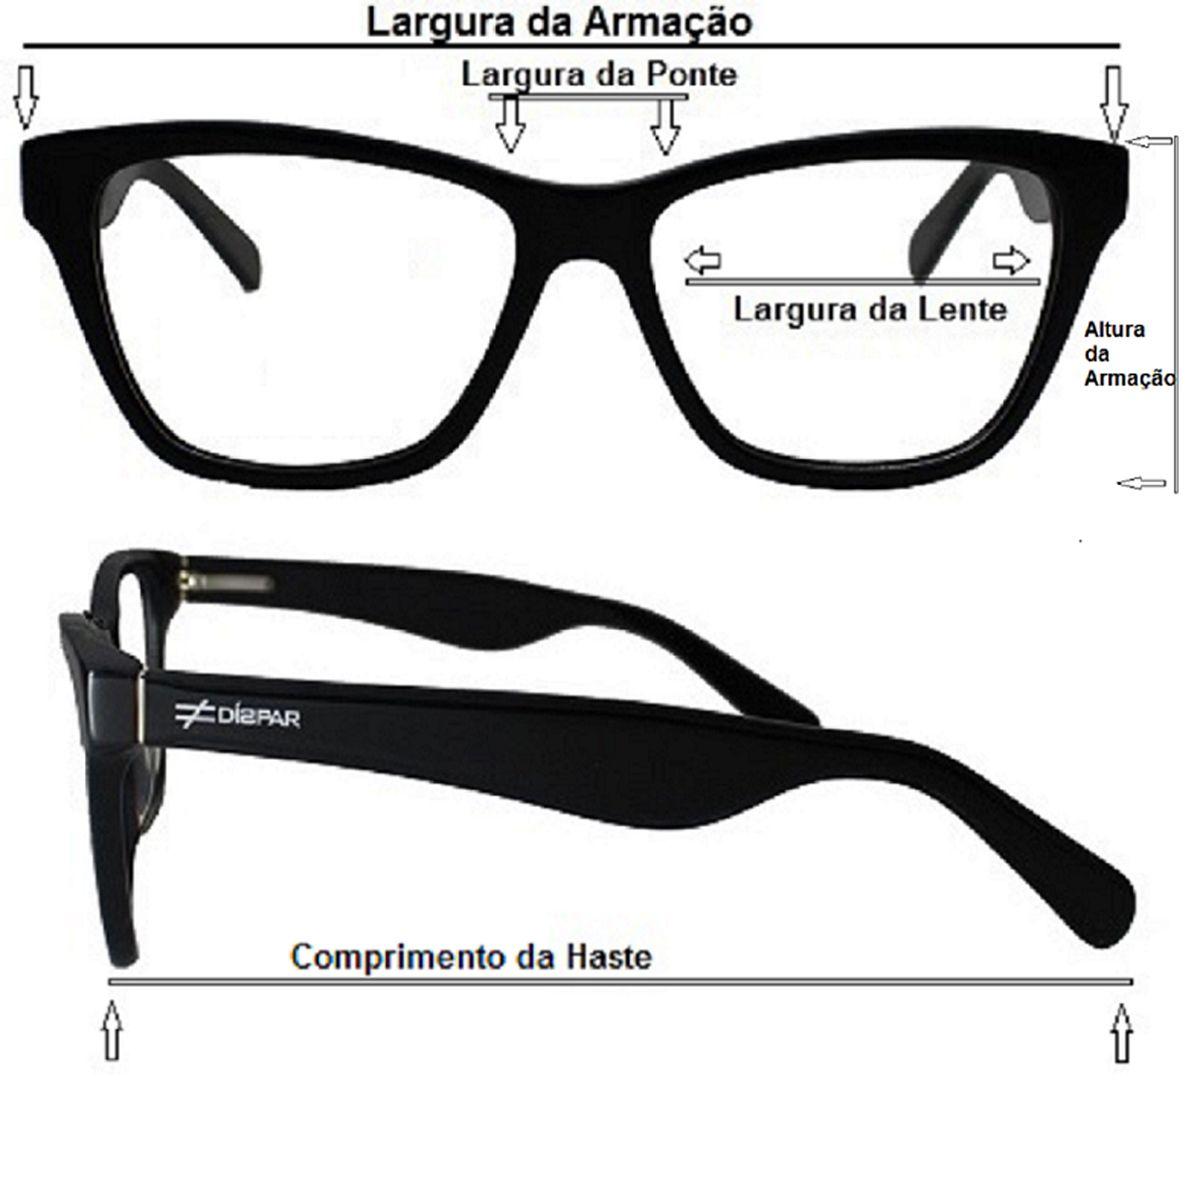 Armação para Óculos Díspar D1891 Marrom